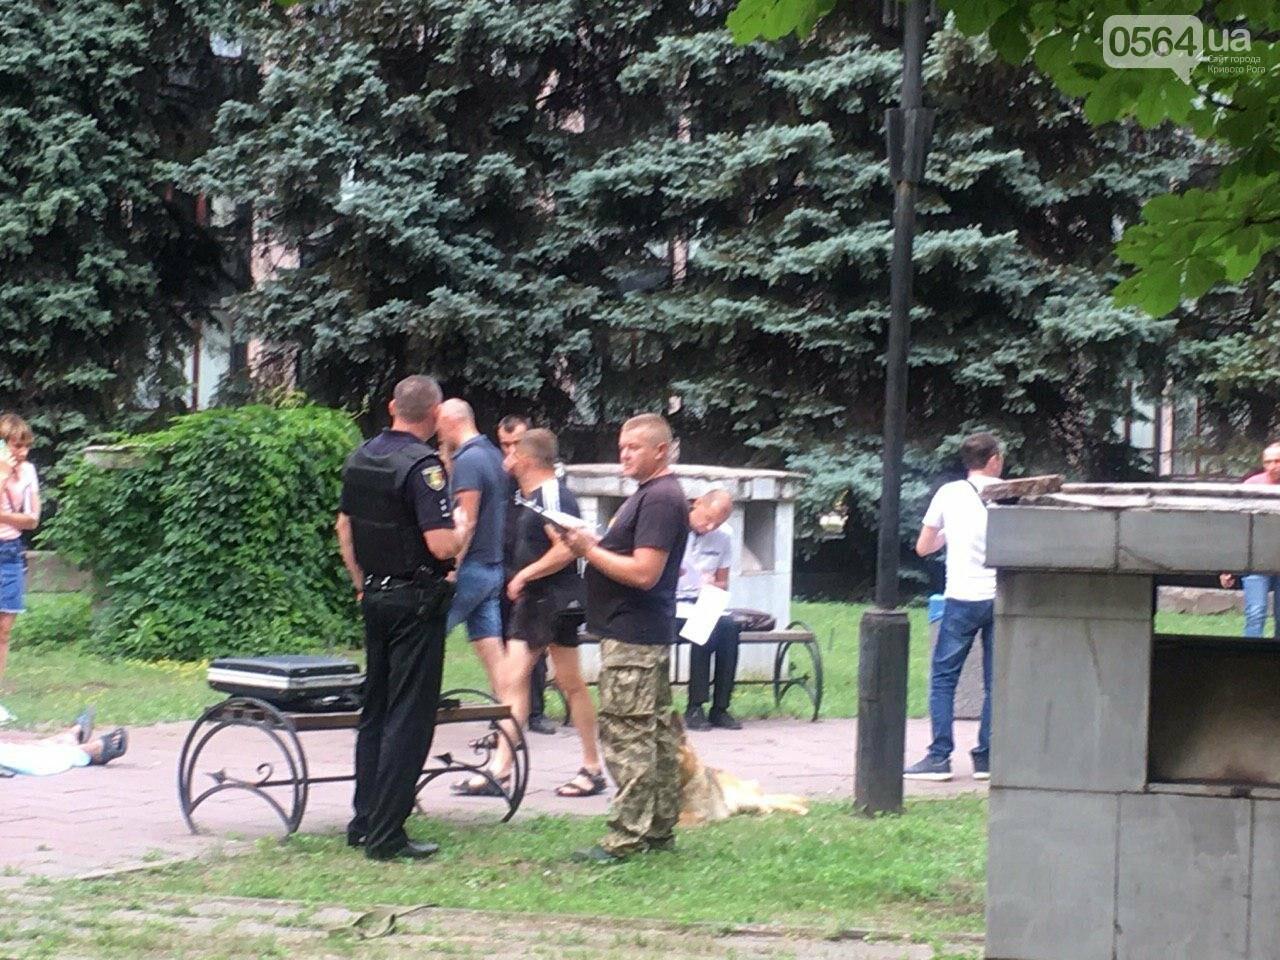 Возле мэрии Кривого Рога найдено тело мужчины с ножевыми ранениями. Рядом с убитым находится его собака, - ФОТО, ВИДЕО 18+, фото-15